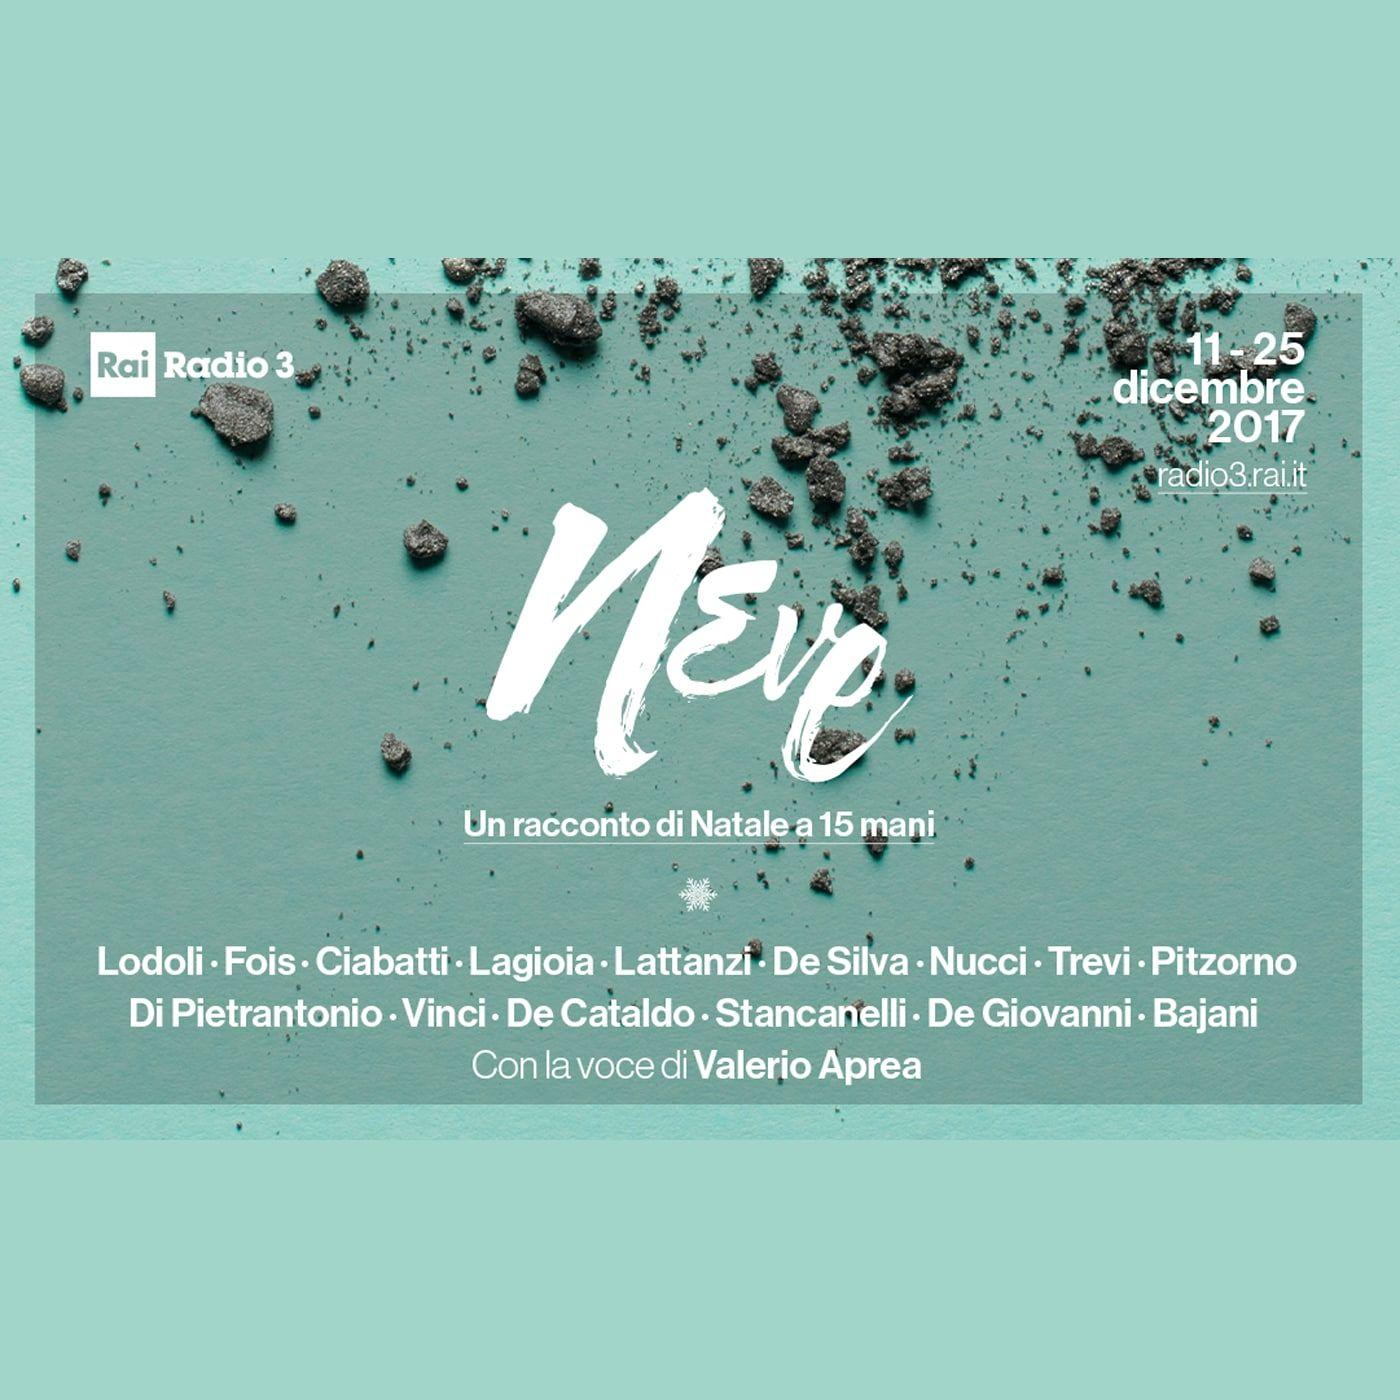 NEVE, UN RACCONTO DI NATALE A 15 MANI RADIO3 del 11/12/2017 - Marco Lodoli 1